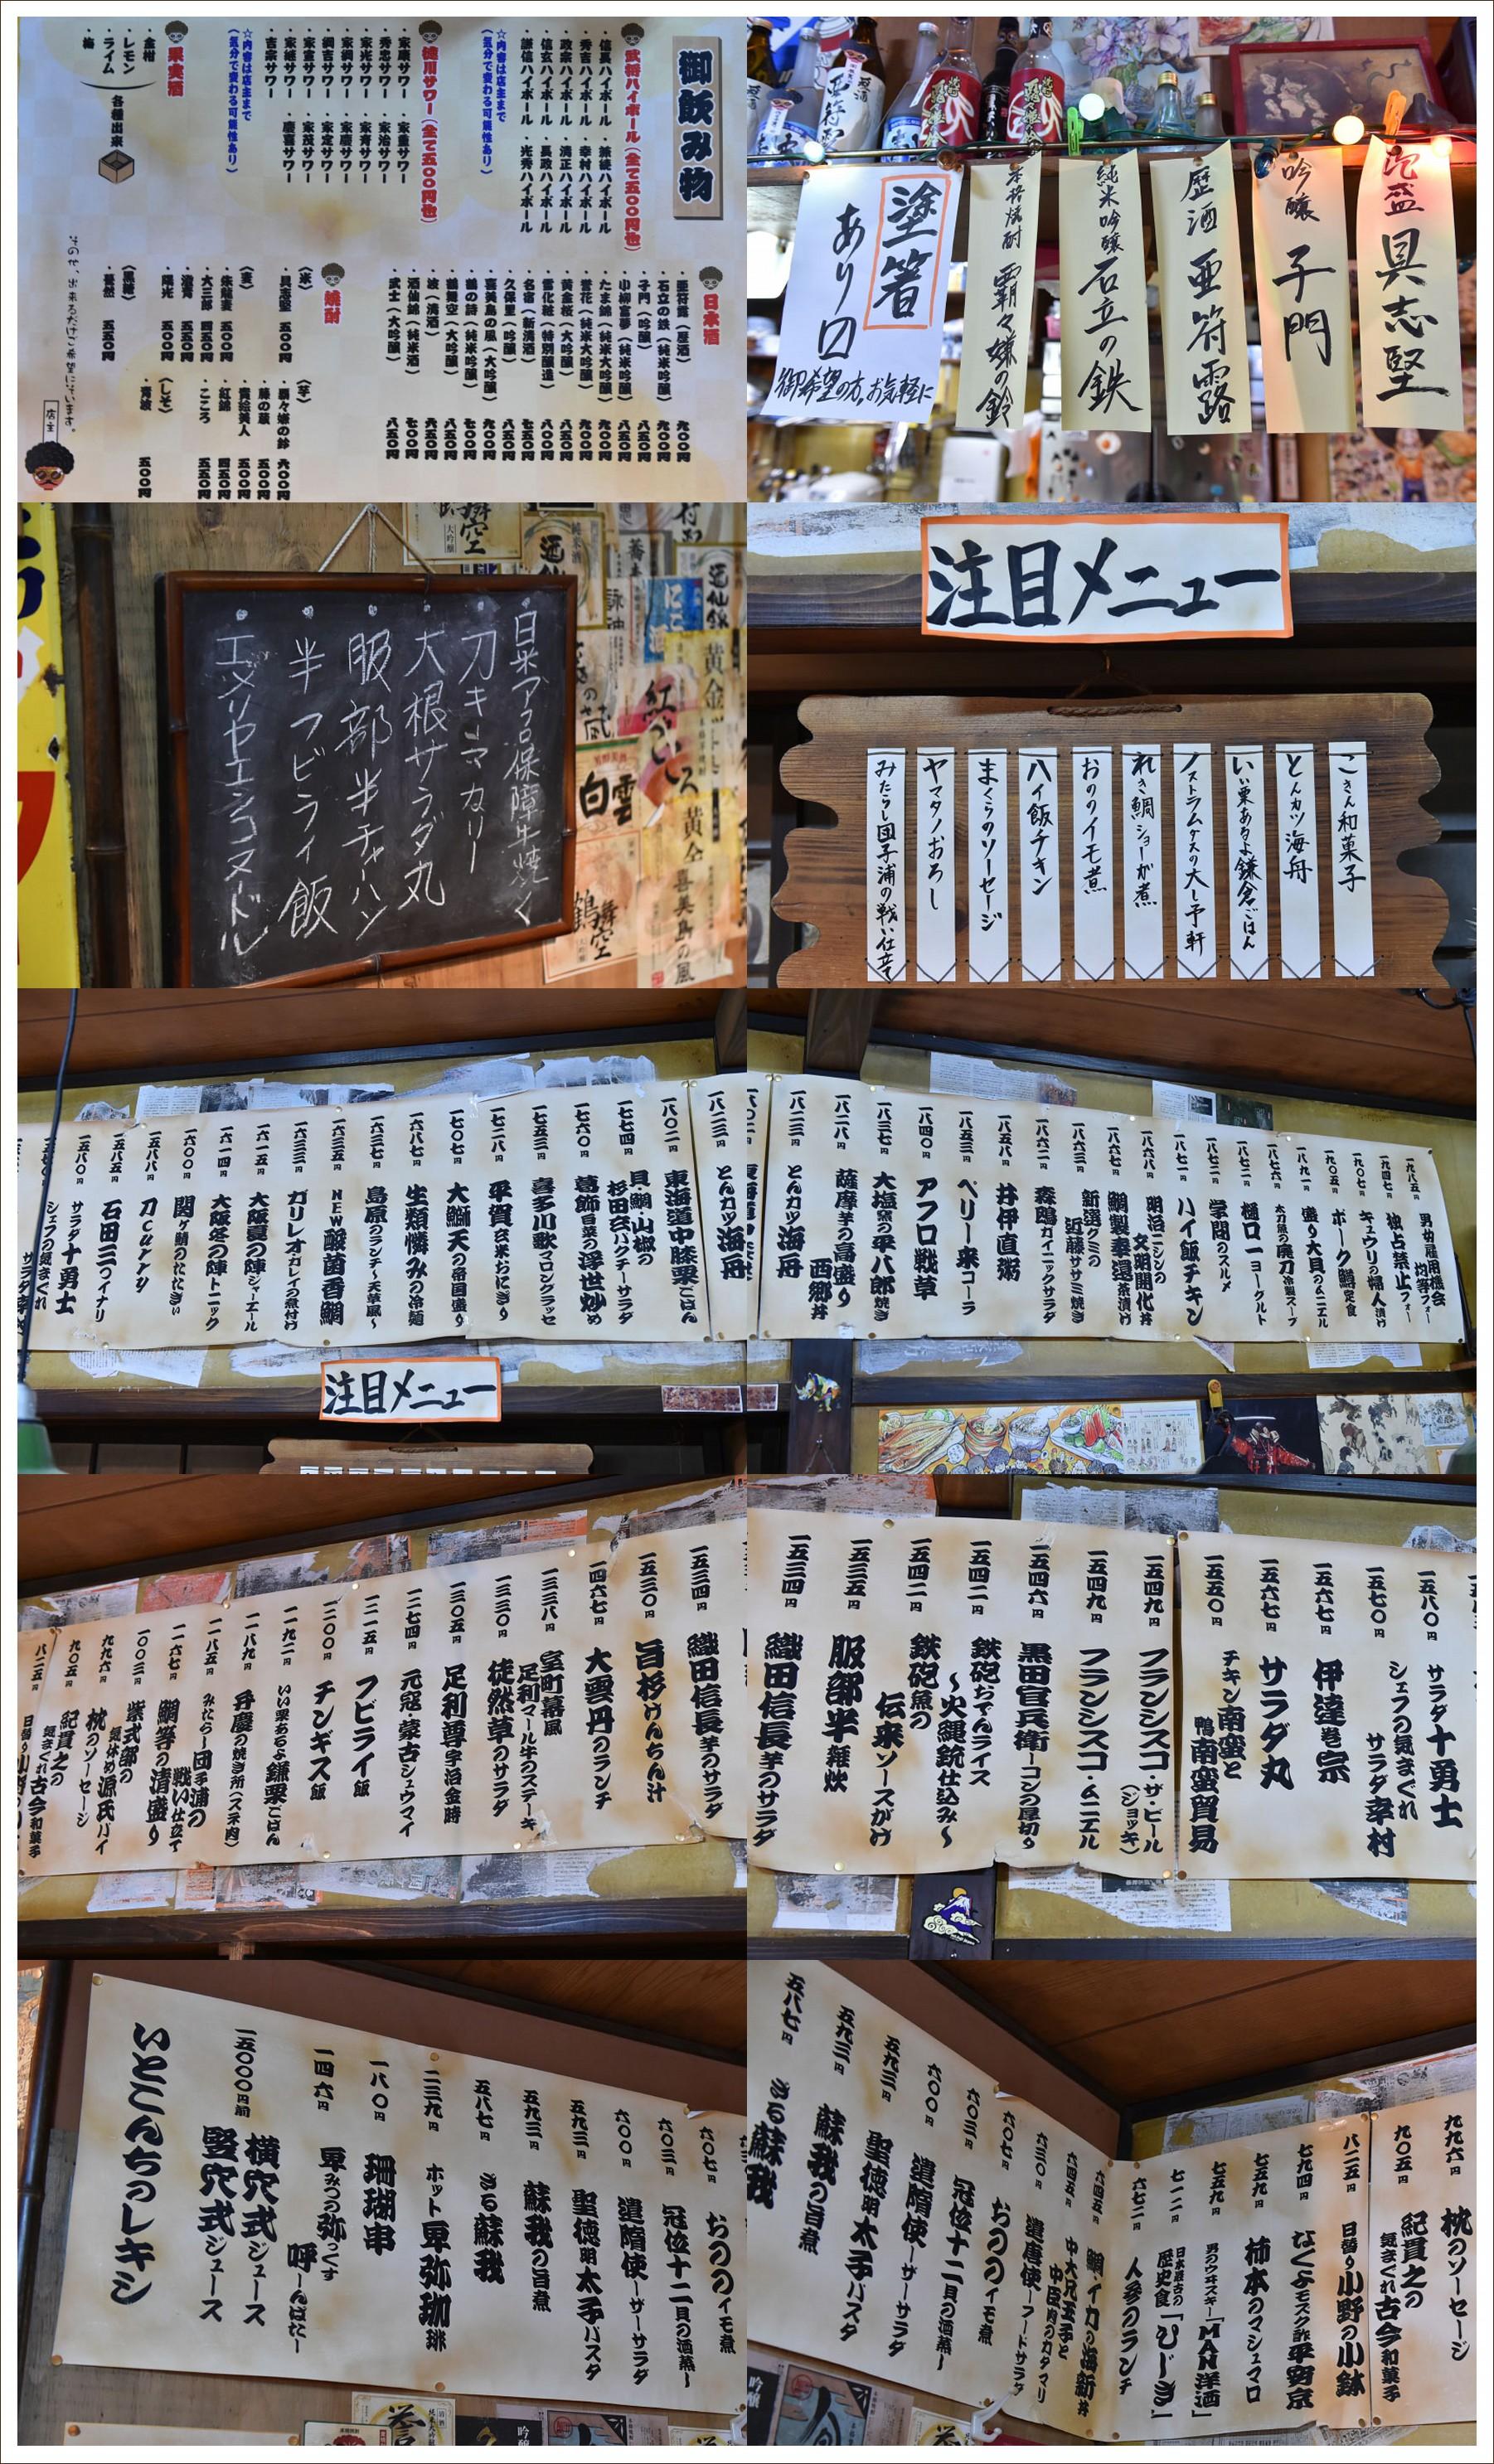 999itkonnti_menu.jpg